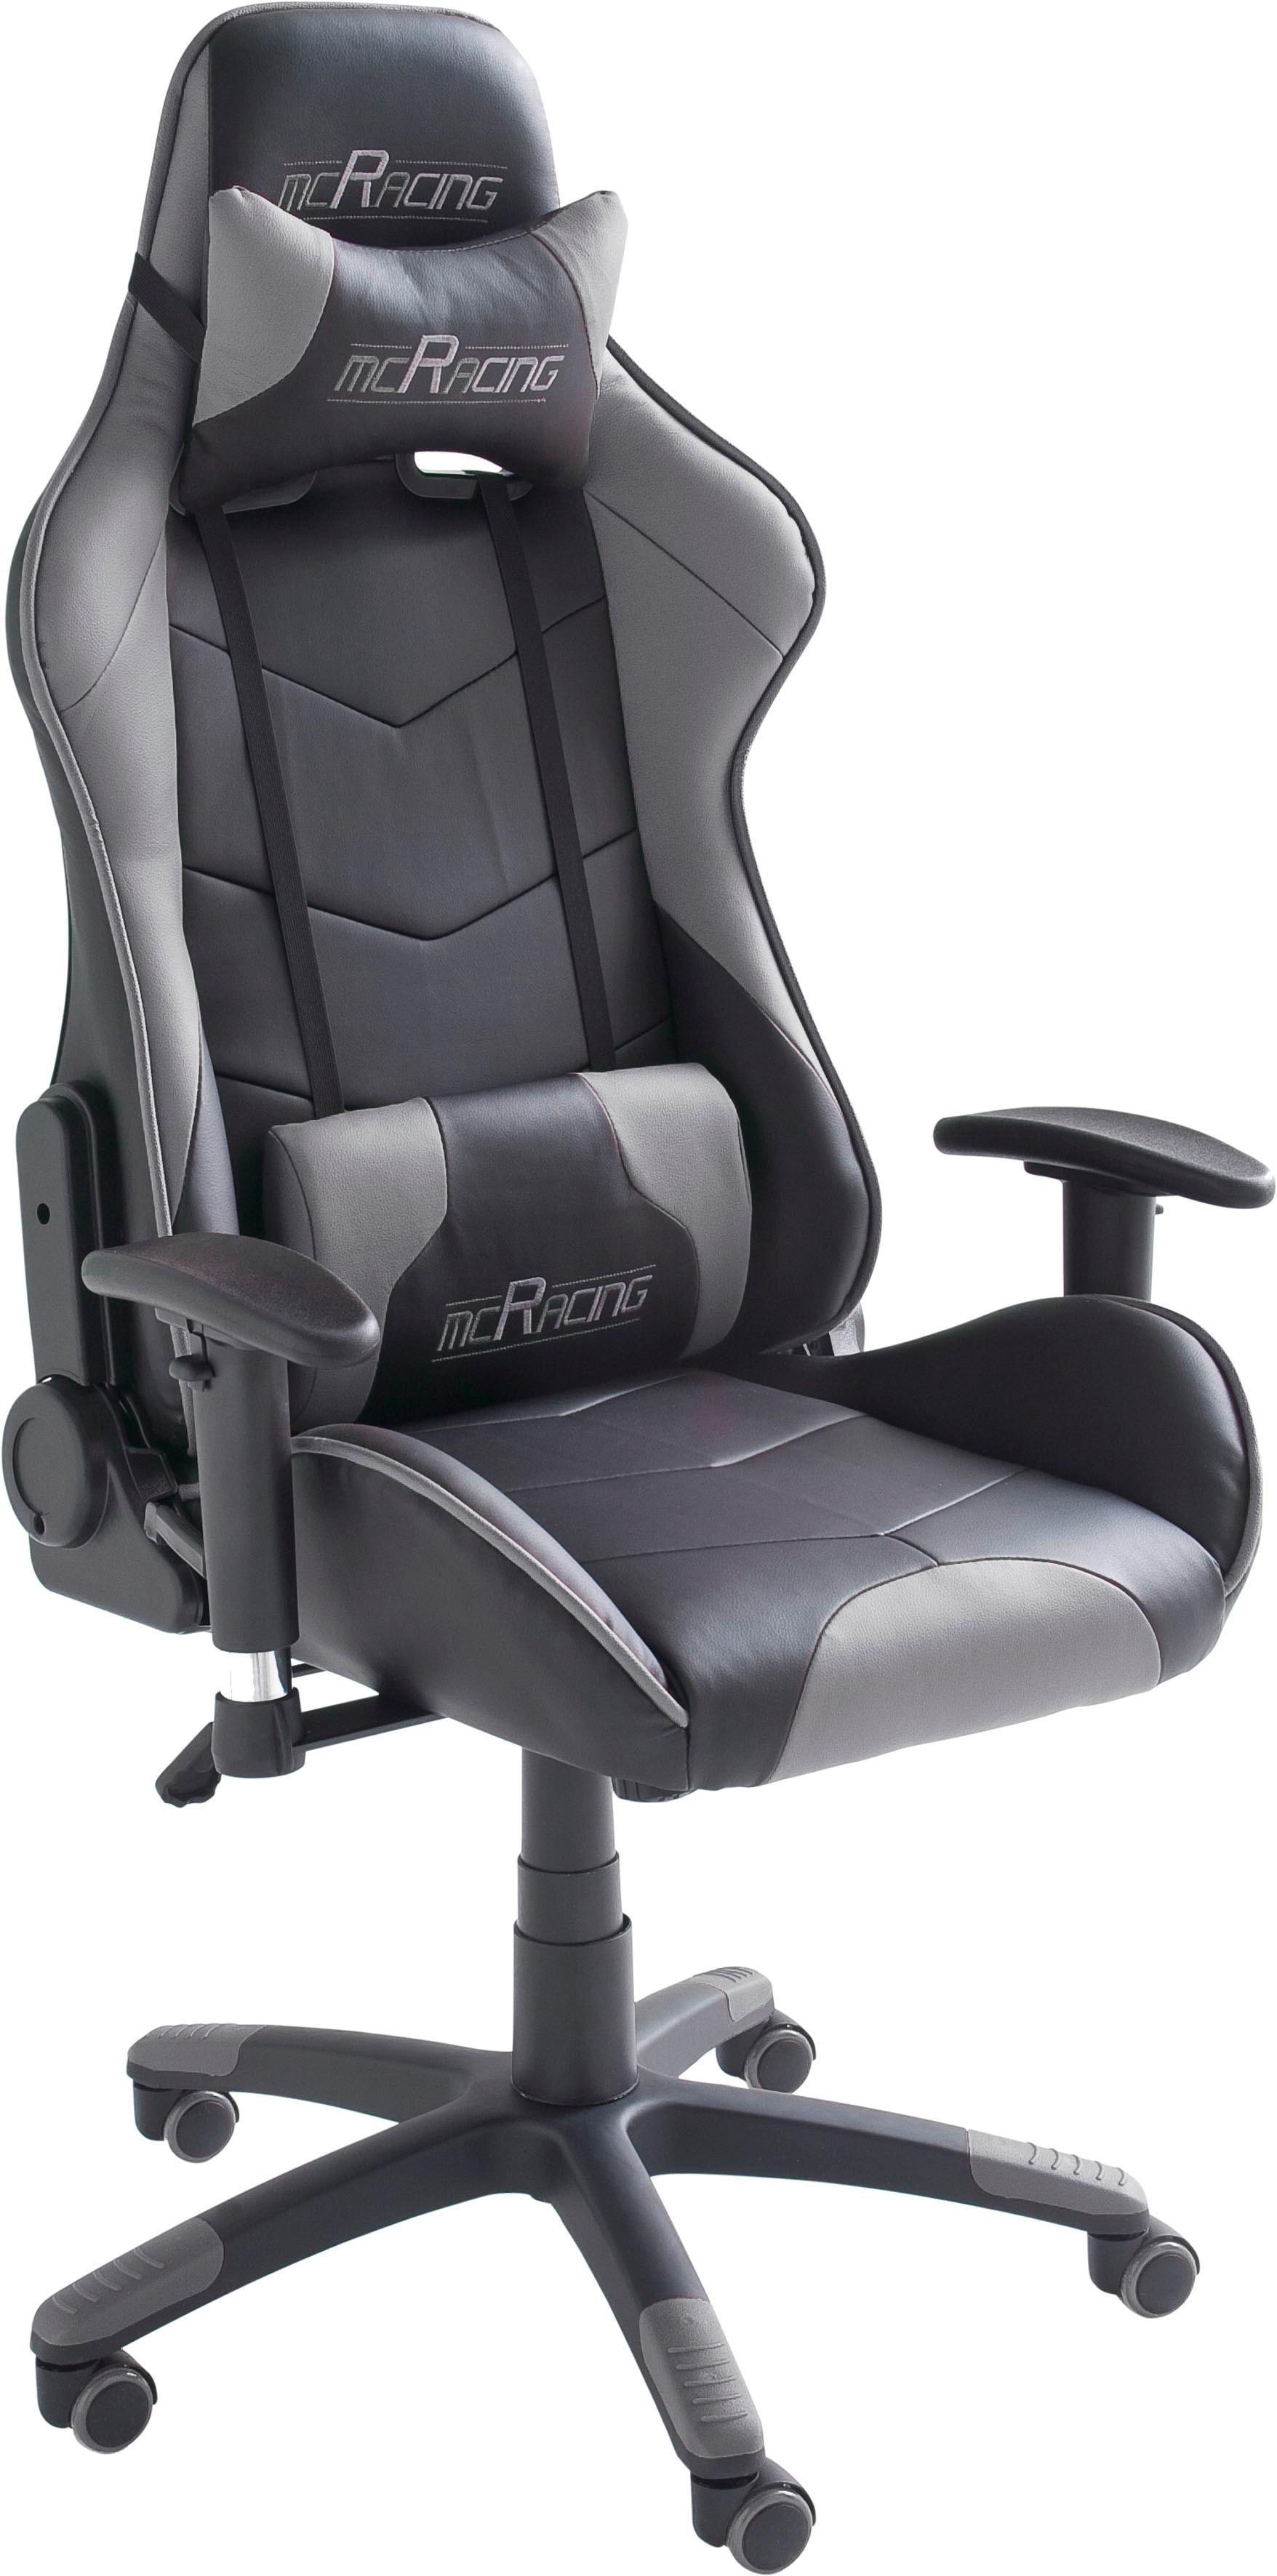 MCA furniture Gaming Chair MC Racing Gaming-Stuhl schwarz Gaming-Zubehör Gaming-Shop Stühle